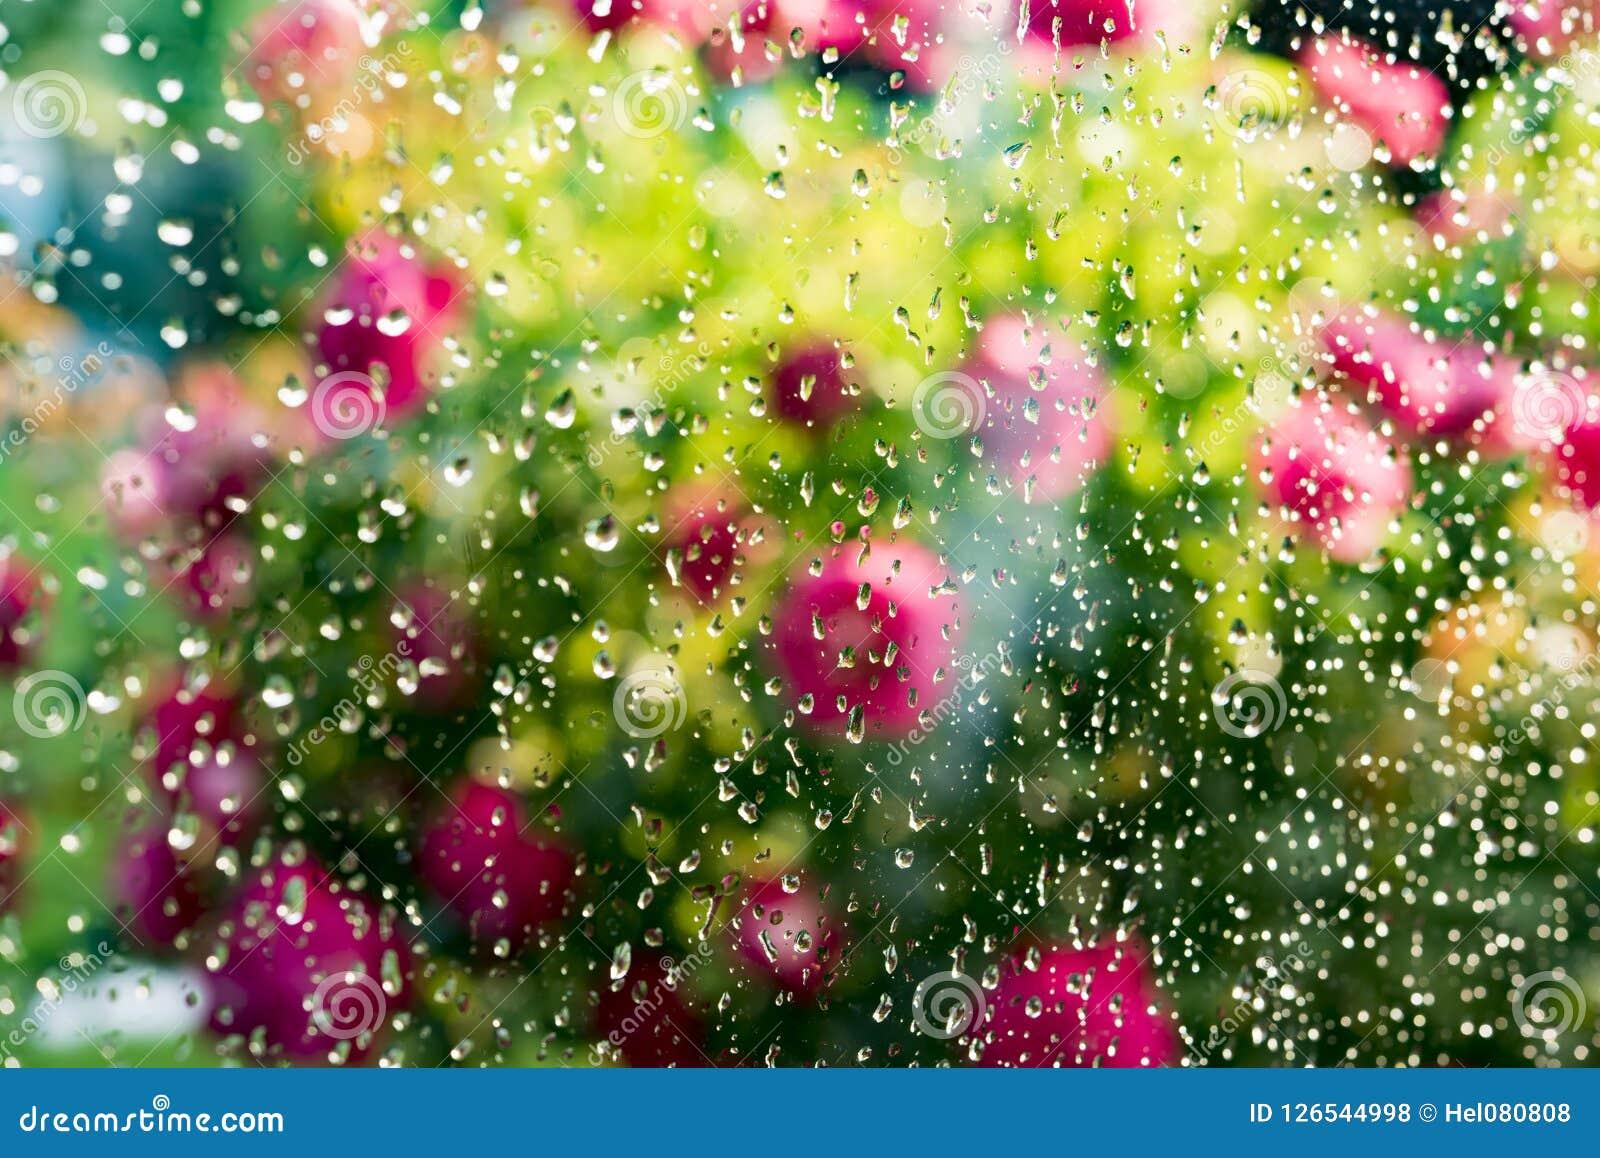 Pluie d été sur la fenêtre Rosier fleurissant brouillé derrière le verre de la fenêtre avec des gouttes de pluie